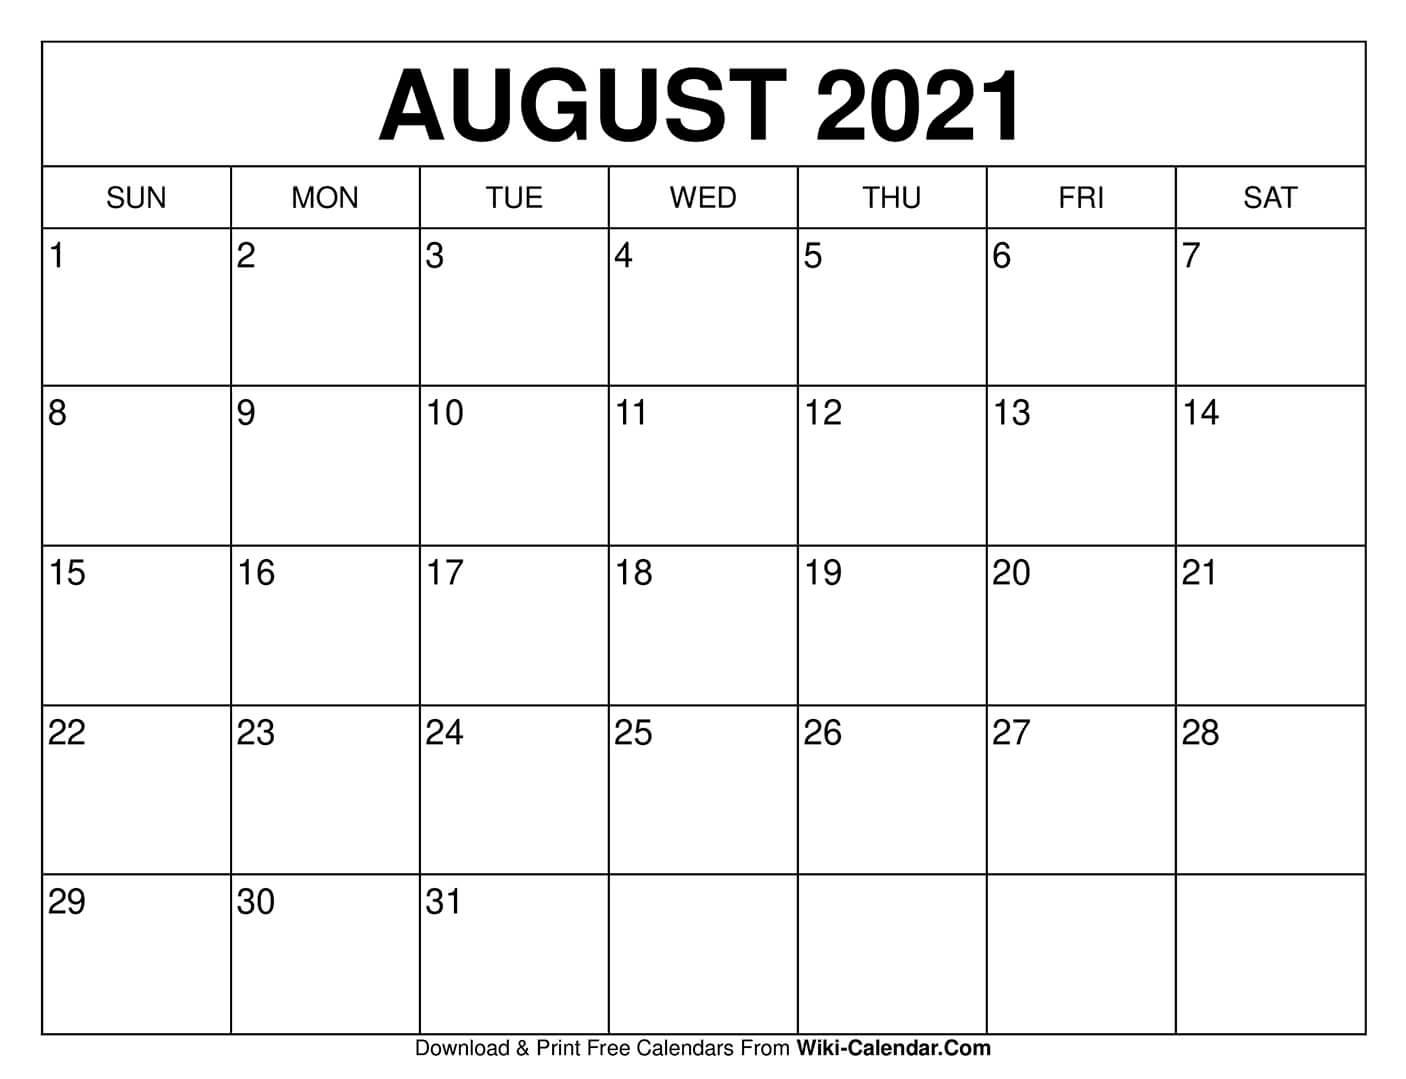 Get Aug 2021 Calendar